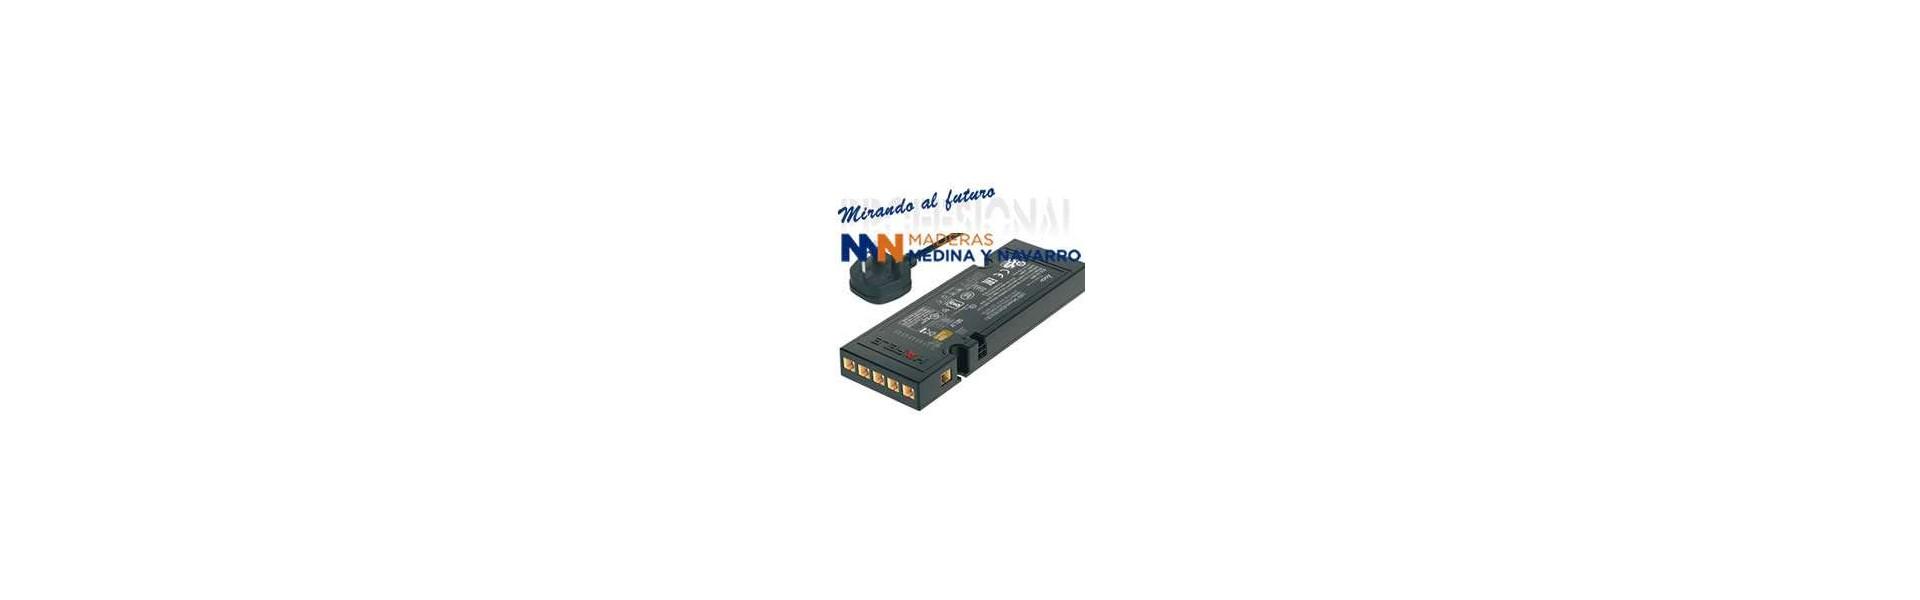 Transformadores y cables de alimentación